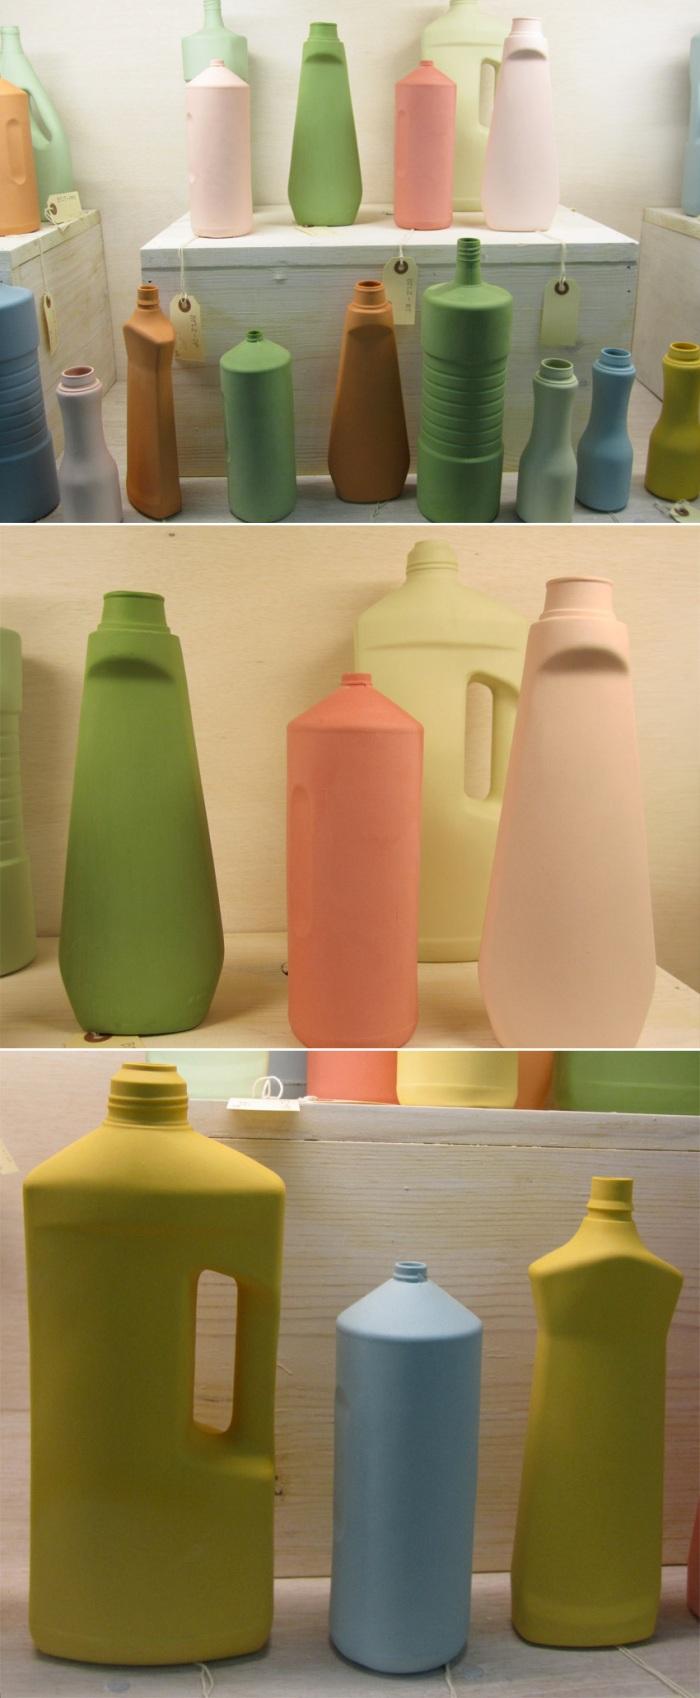 Porcelain Cleaning Bottle vases, Middle Kingdom, design